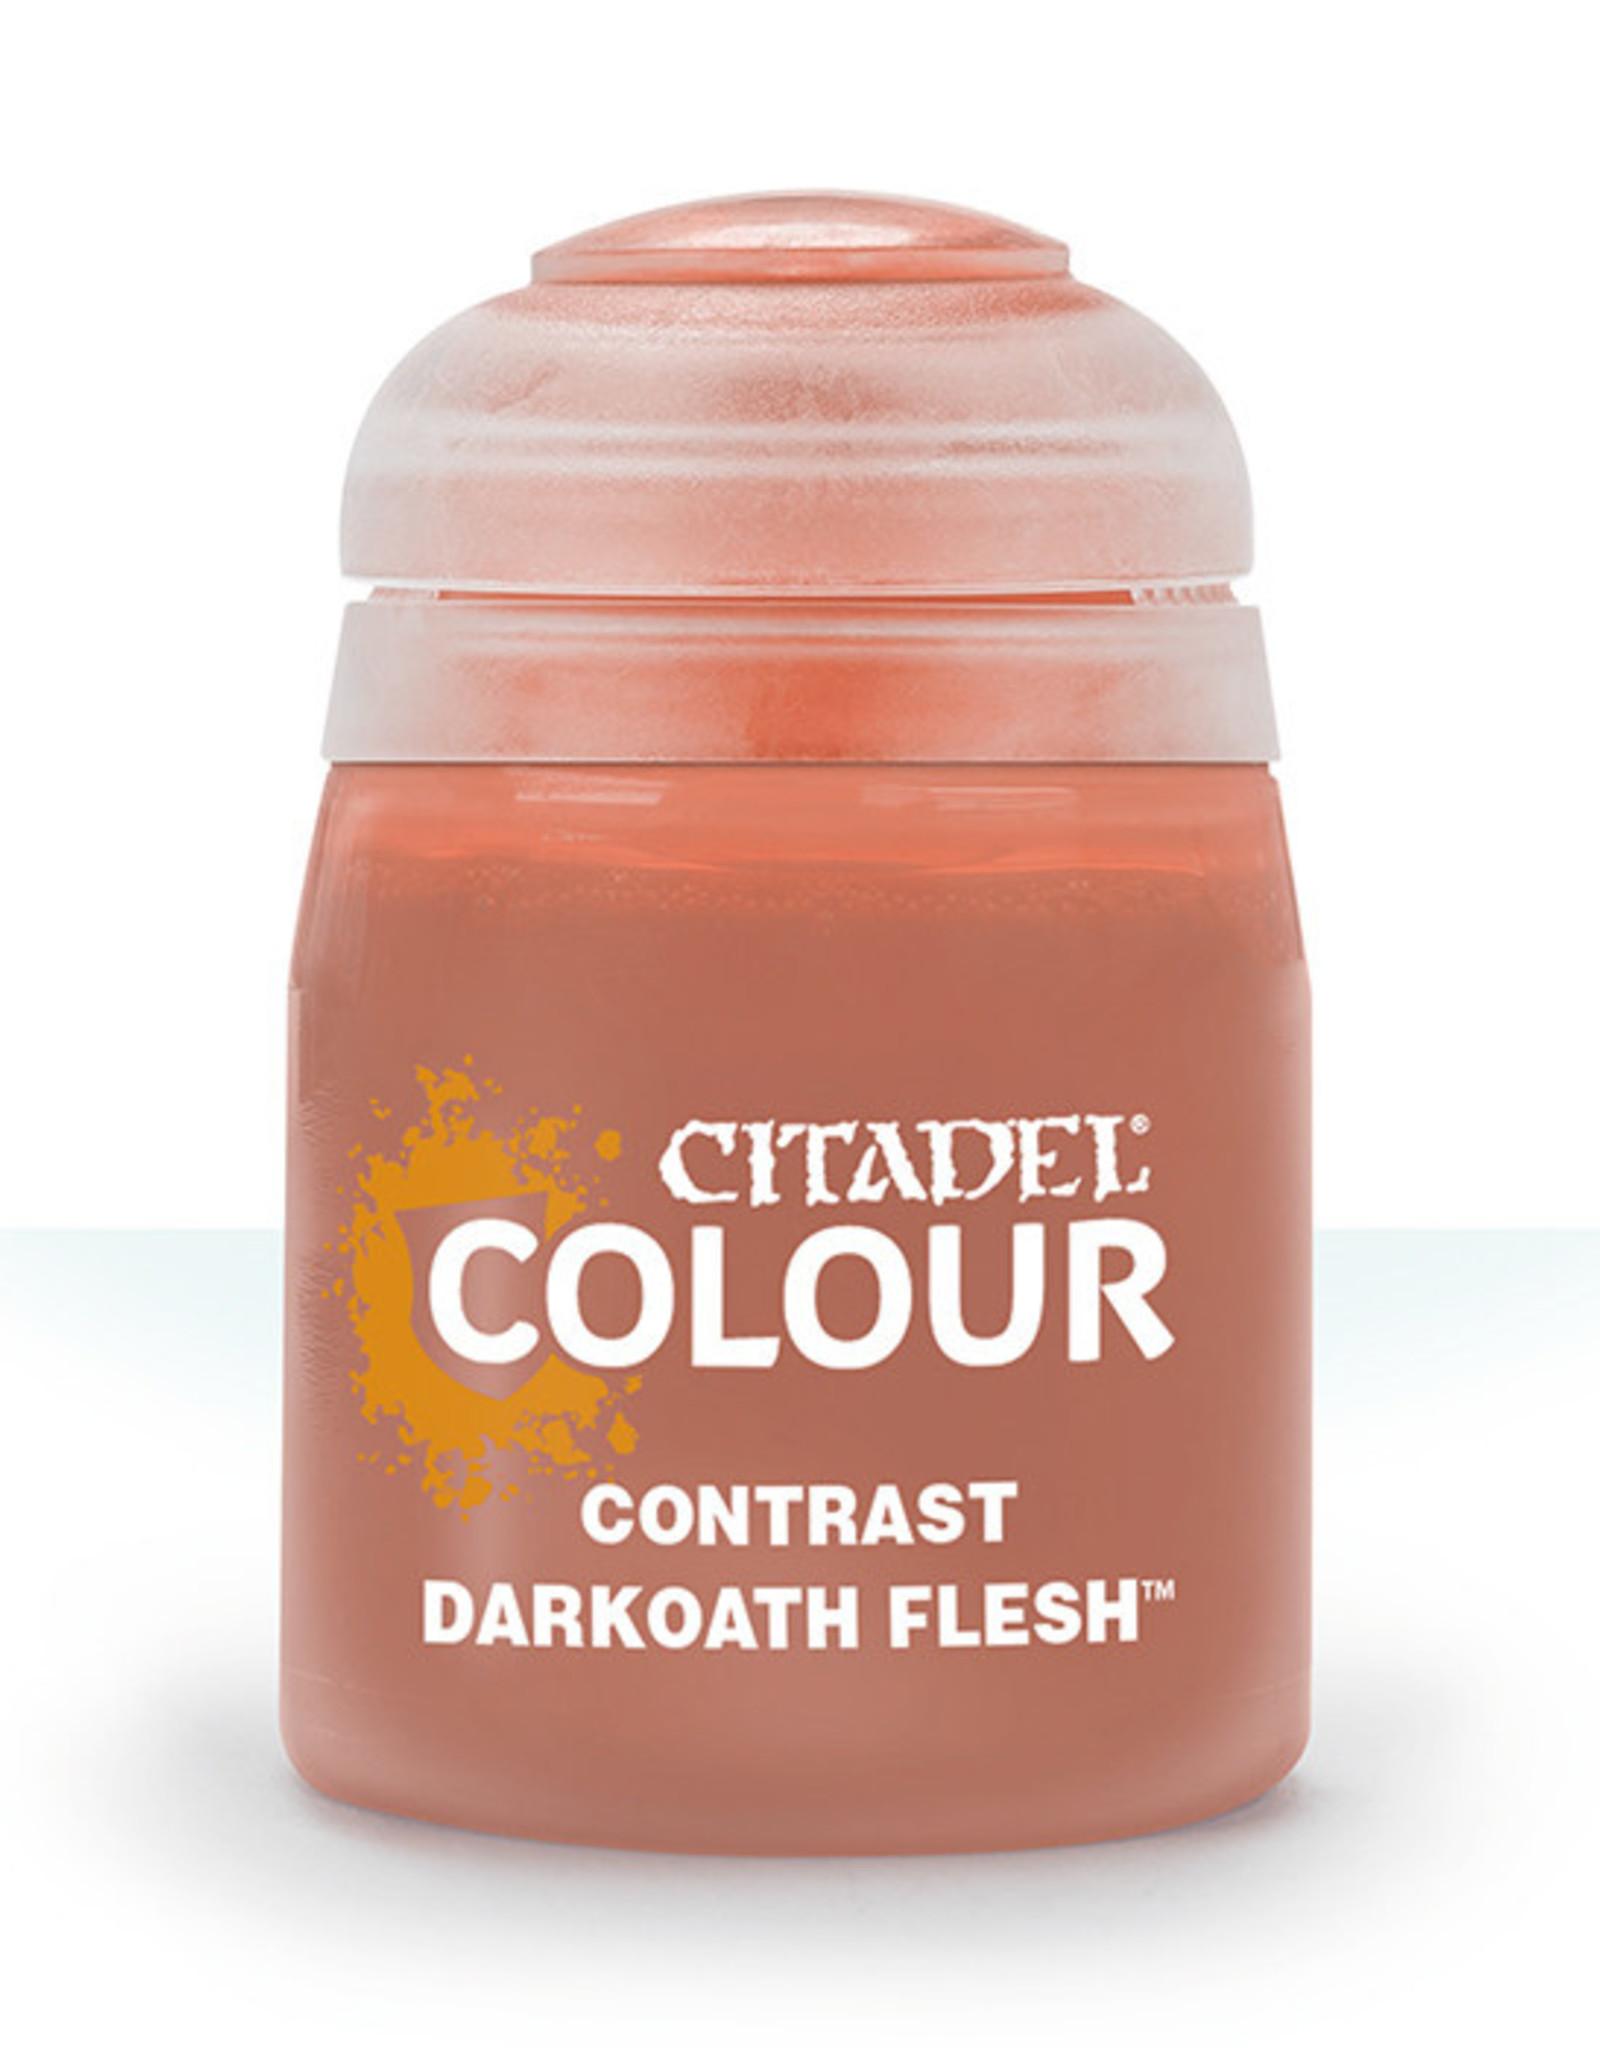 Citadel Citadel Colour: Contrast - Darkoath Flesh